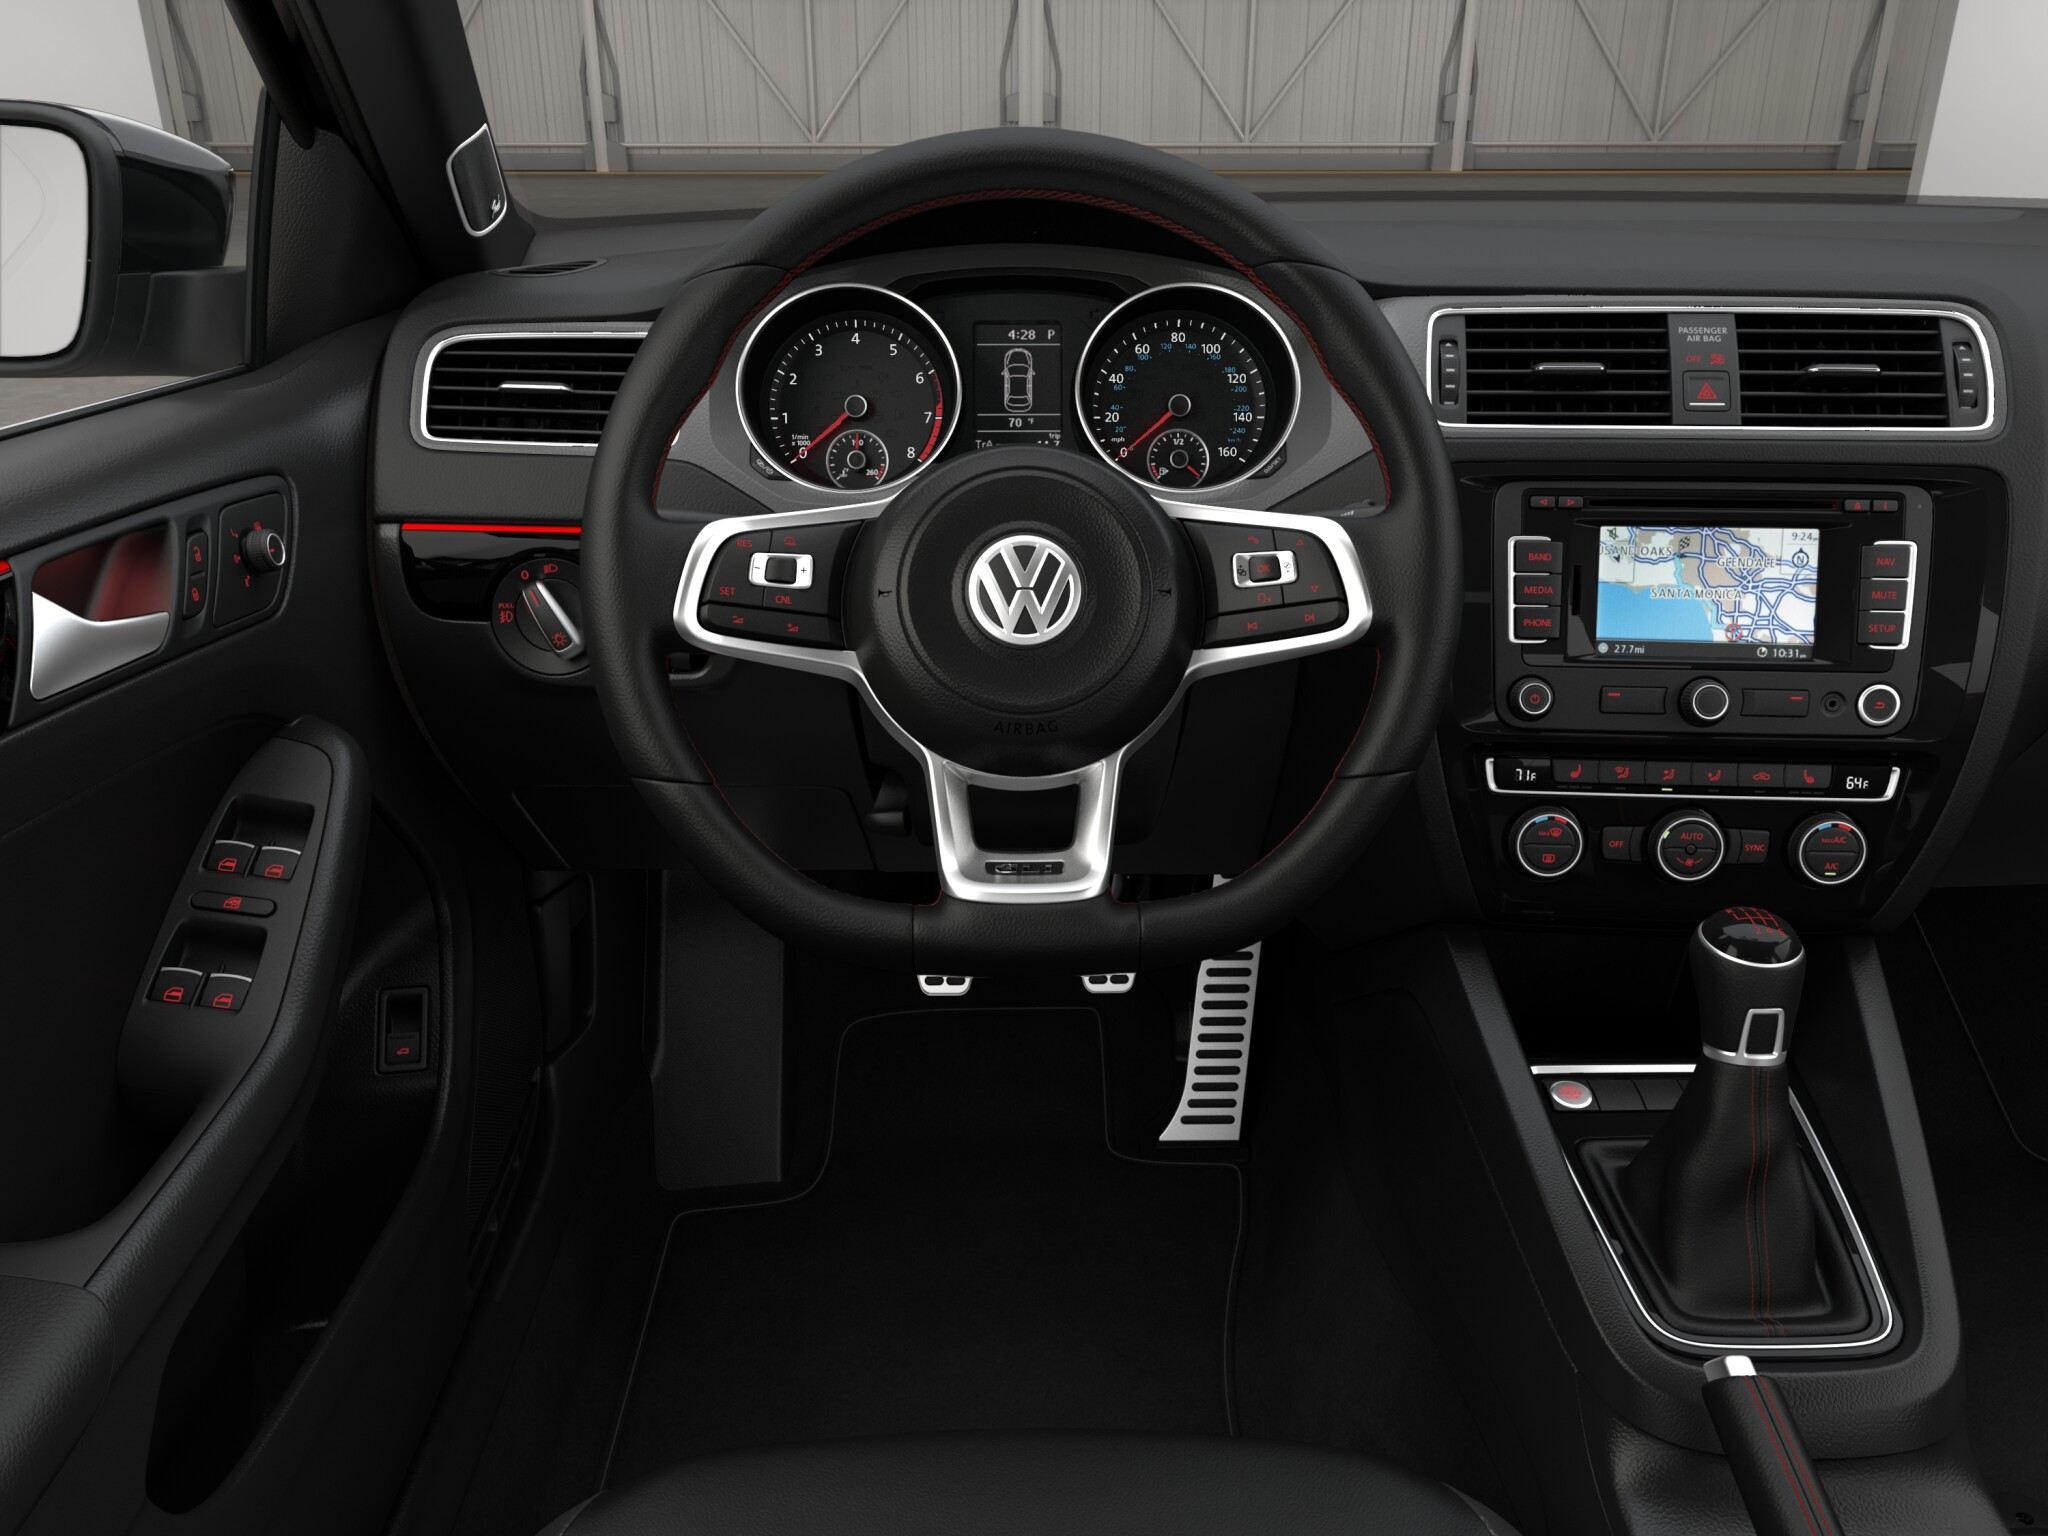 2015 Volkswagen Jetta Gli Interior Car Interior Design